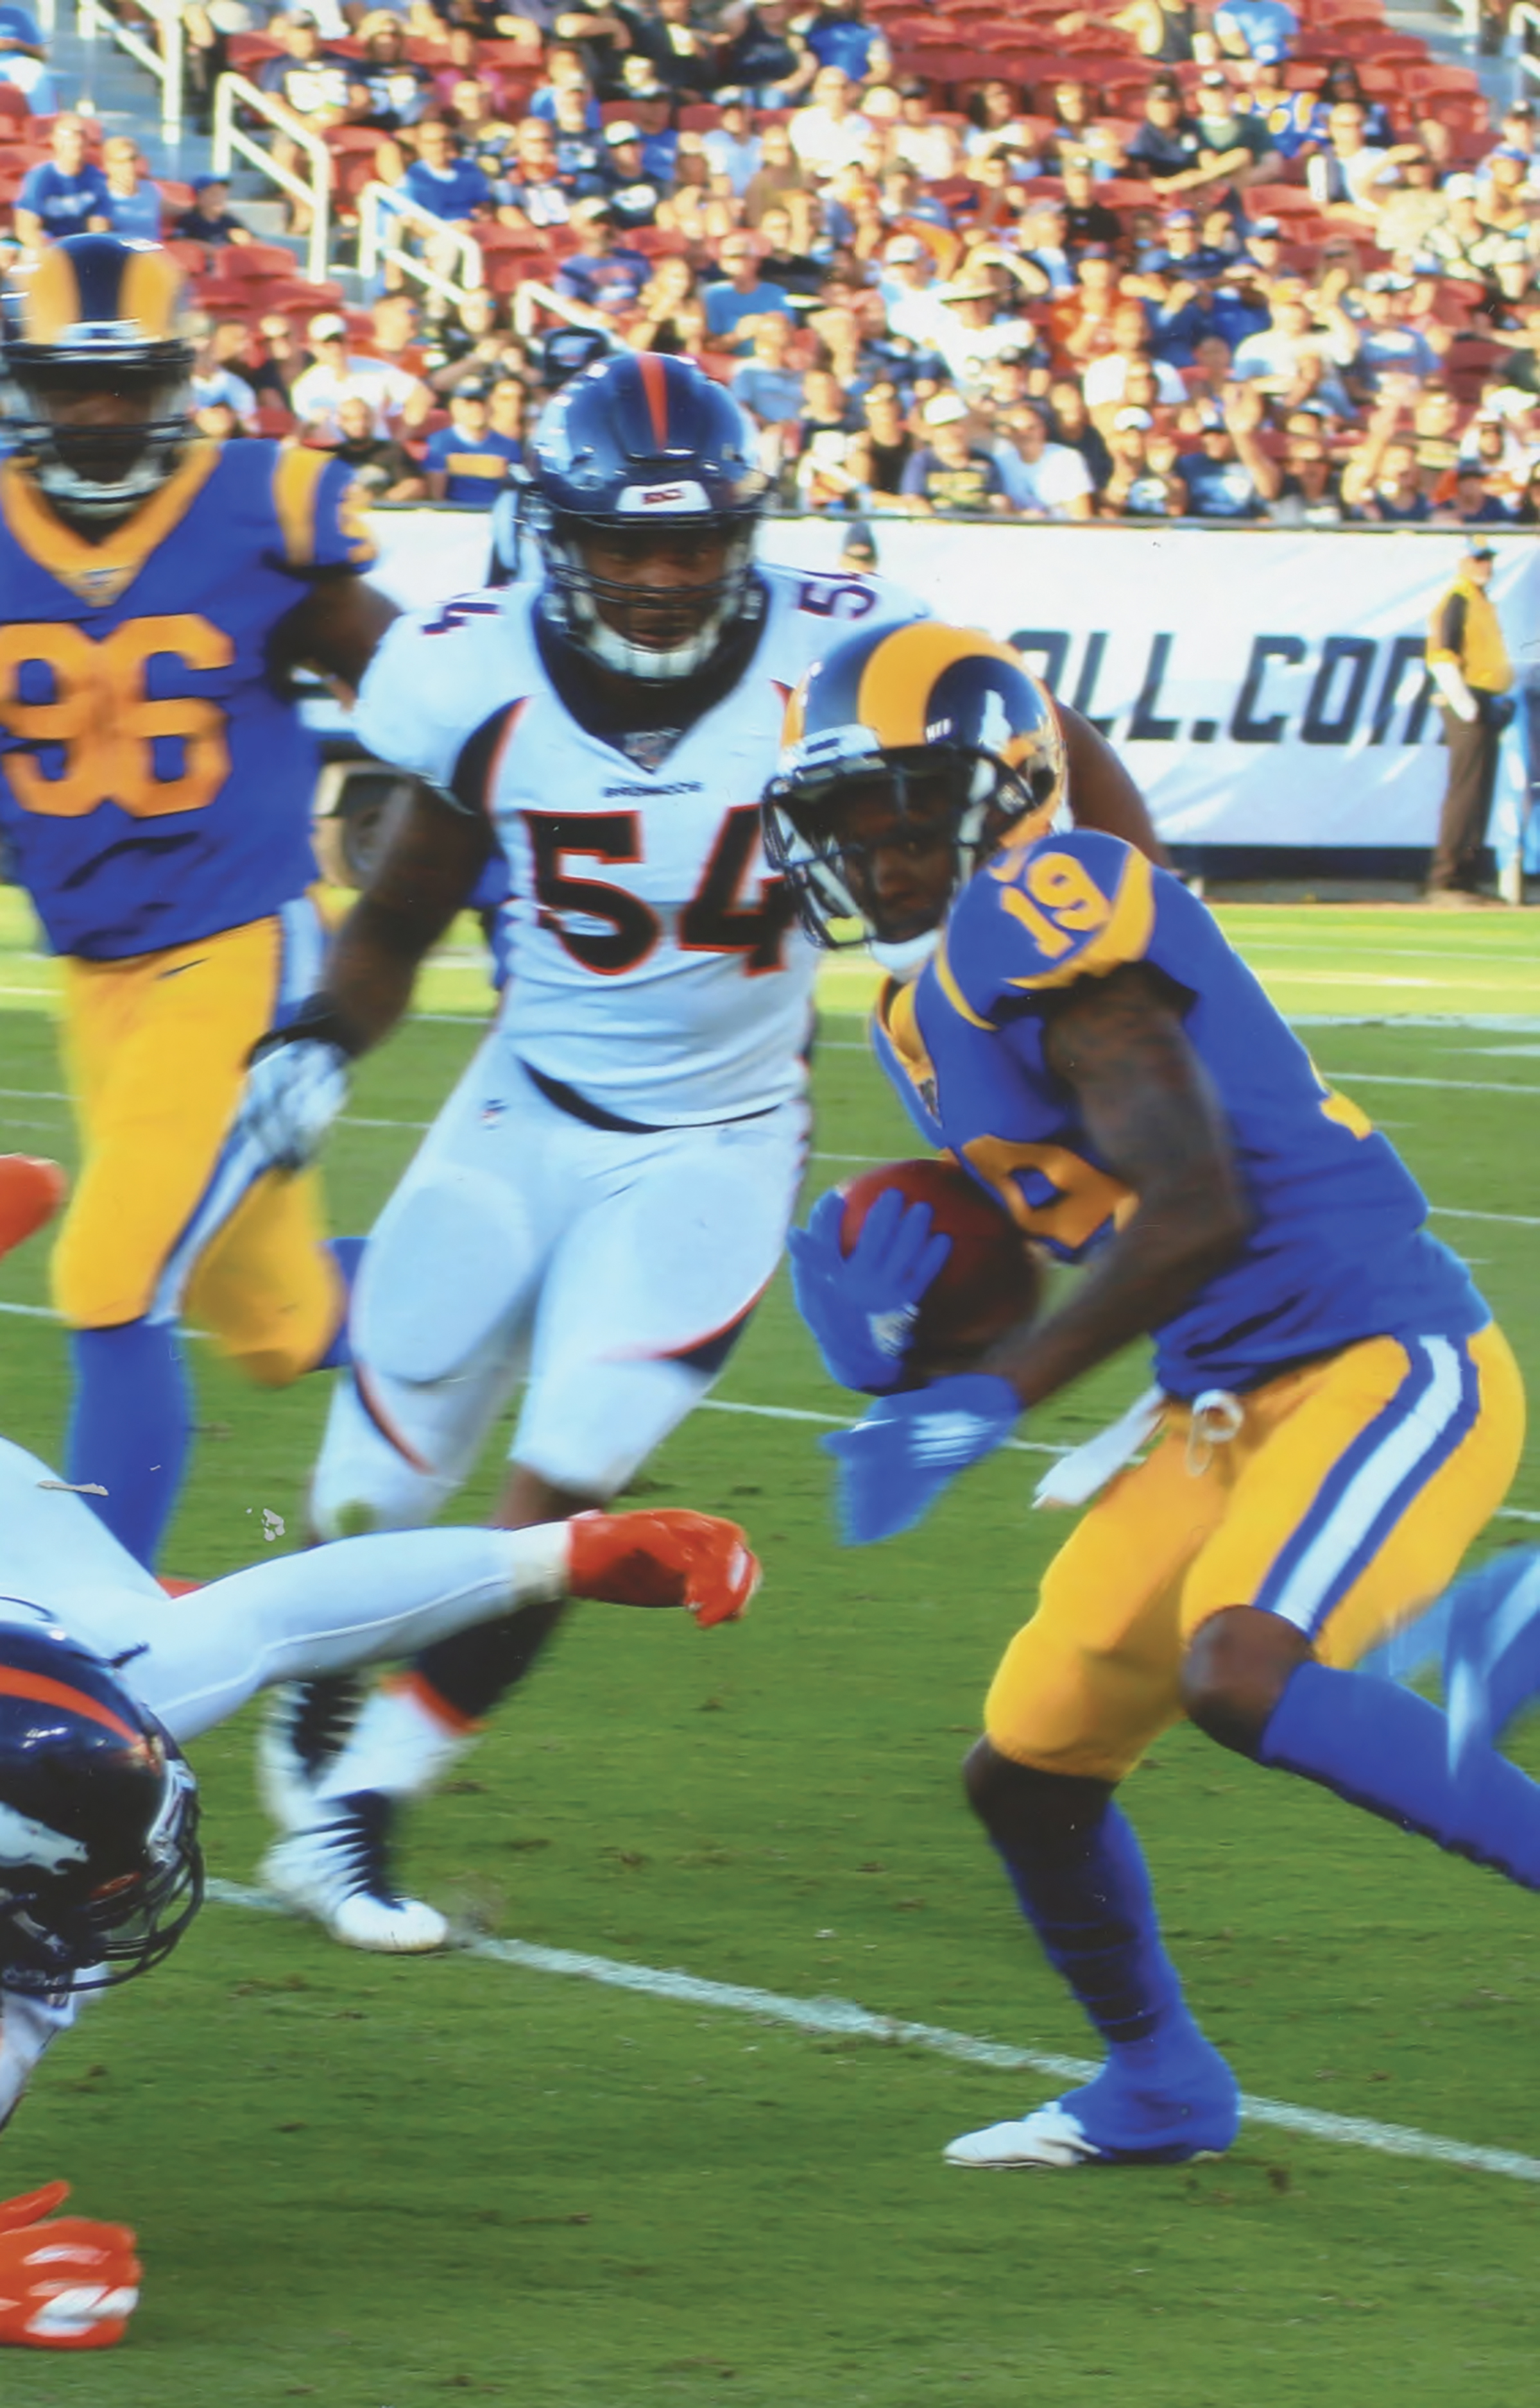 The LA Rams Jo jo Norton (19) returns a punt against Bronco's. (Earl Heath Photo)